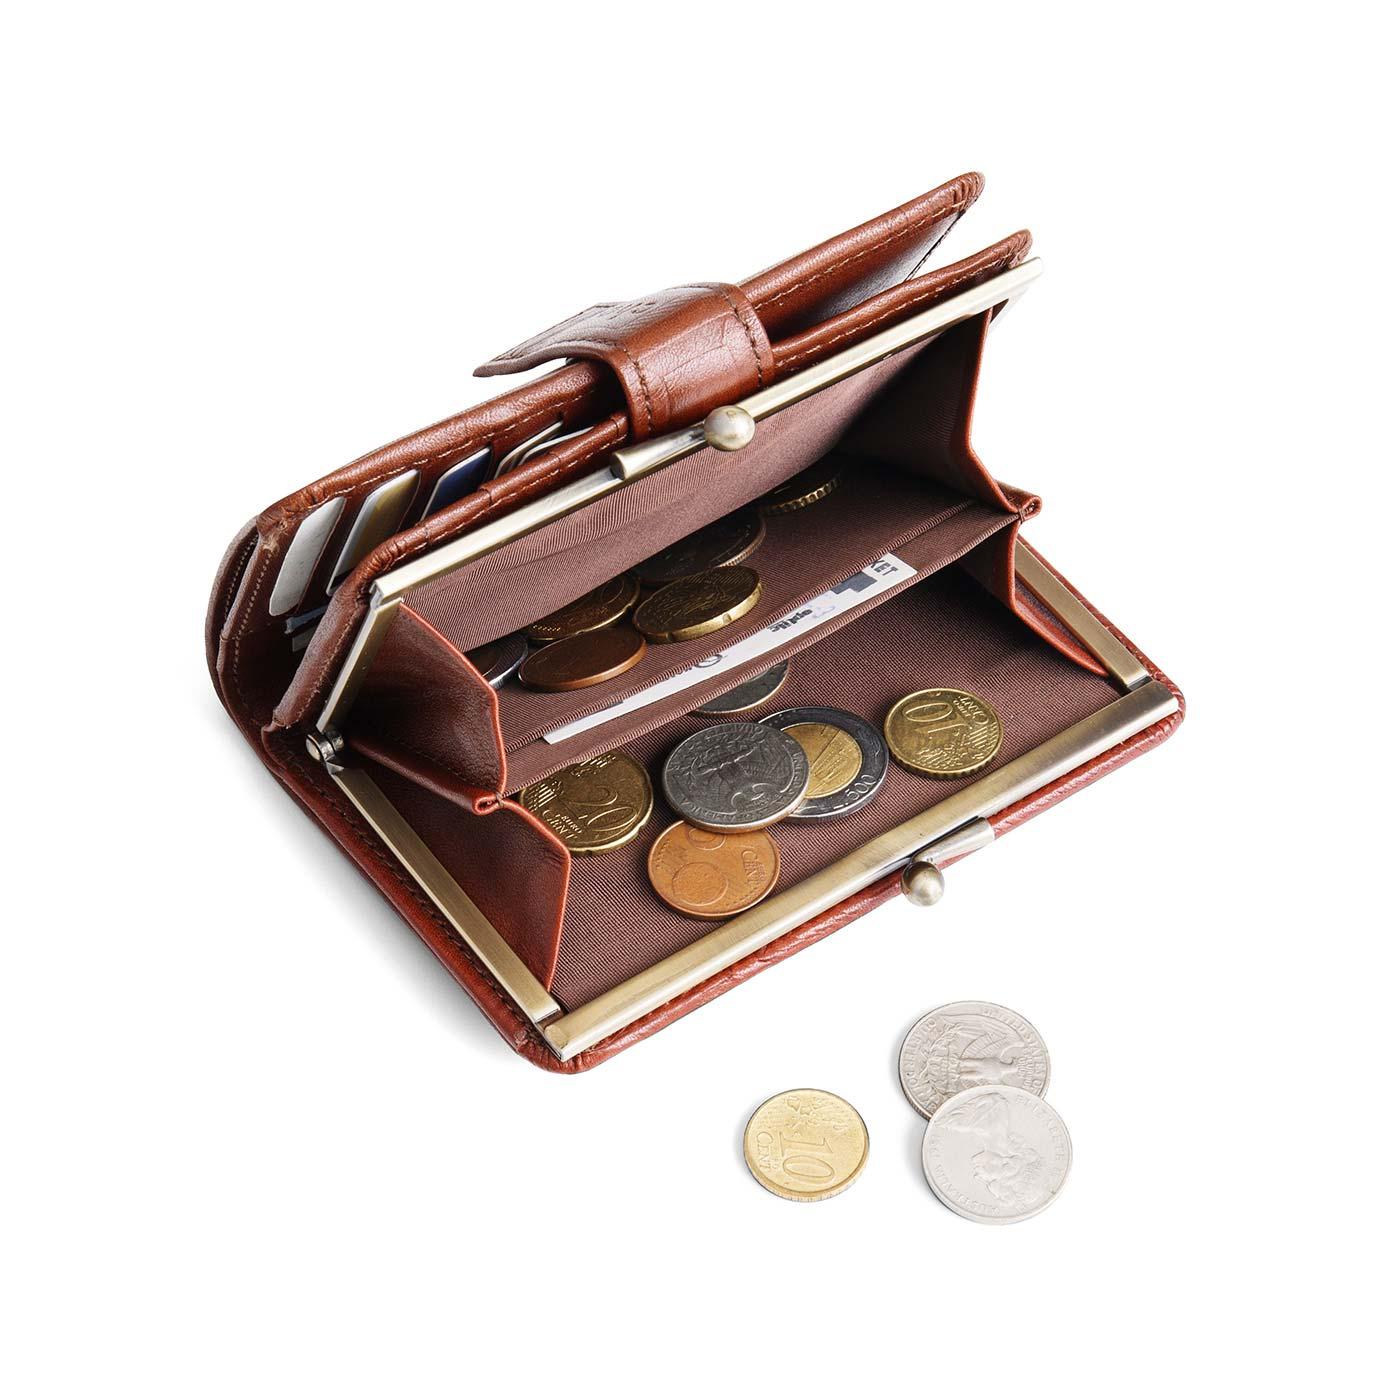 小銭入れは大きく開くがま口タイプ。